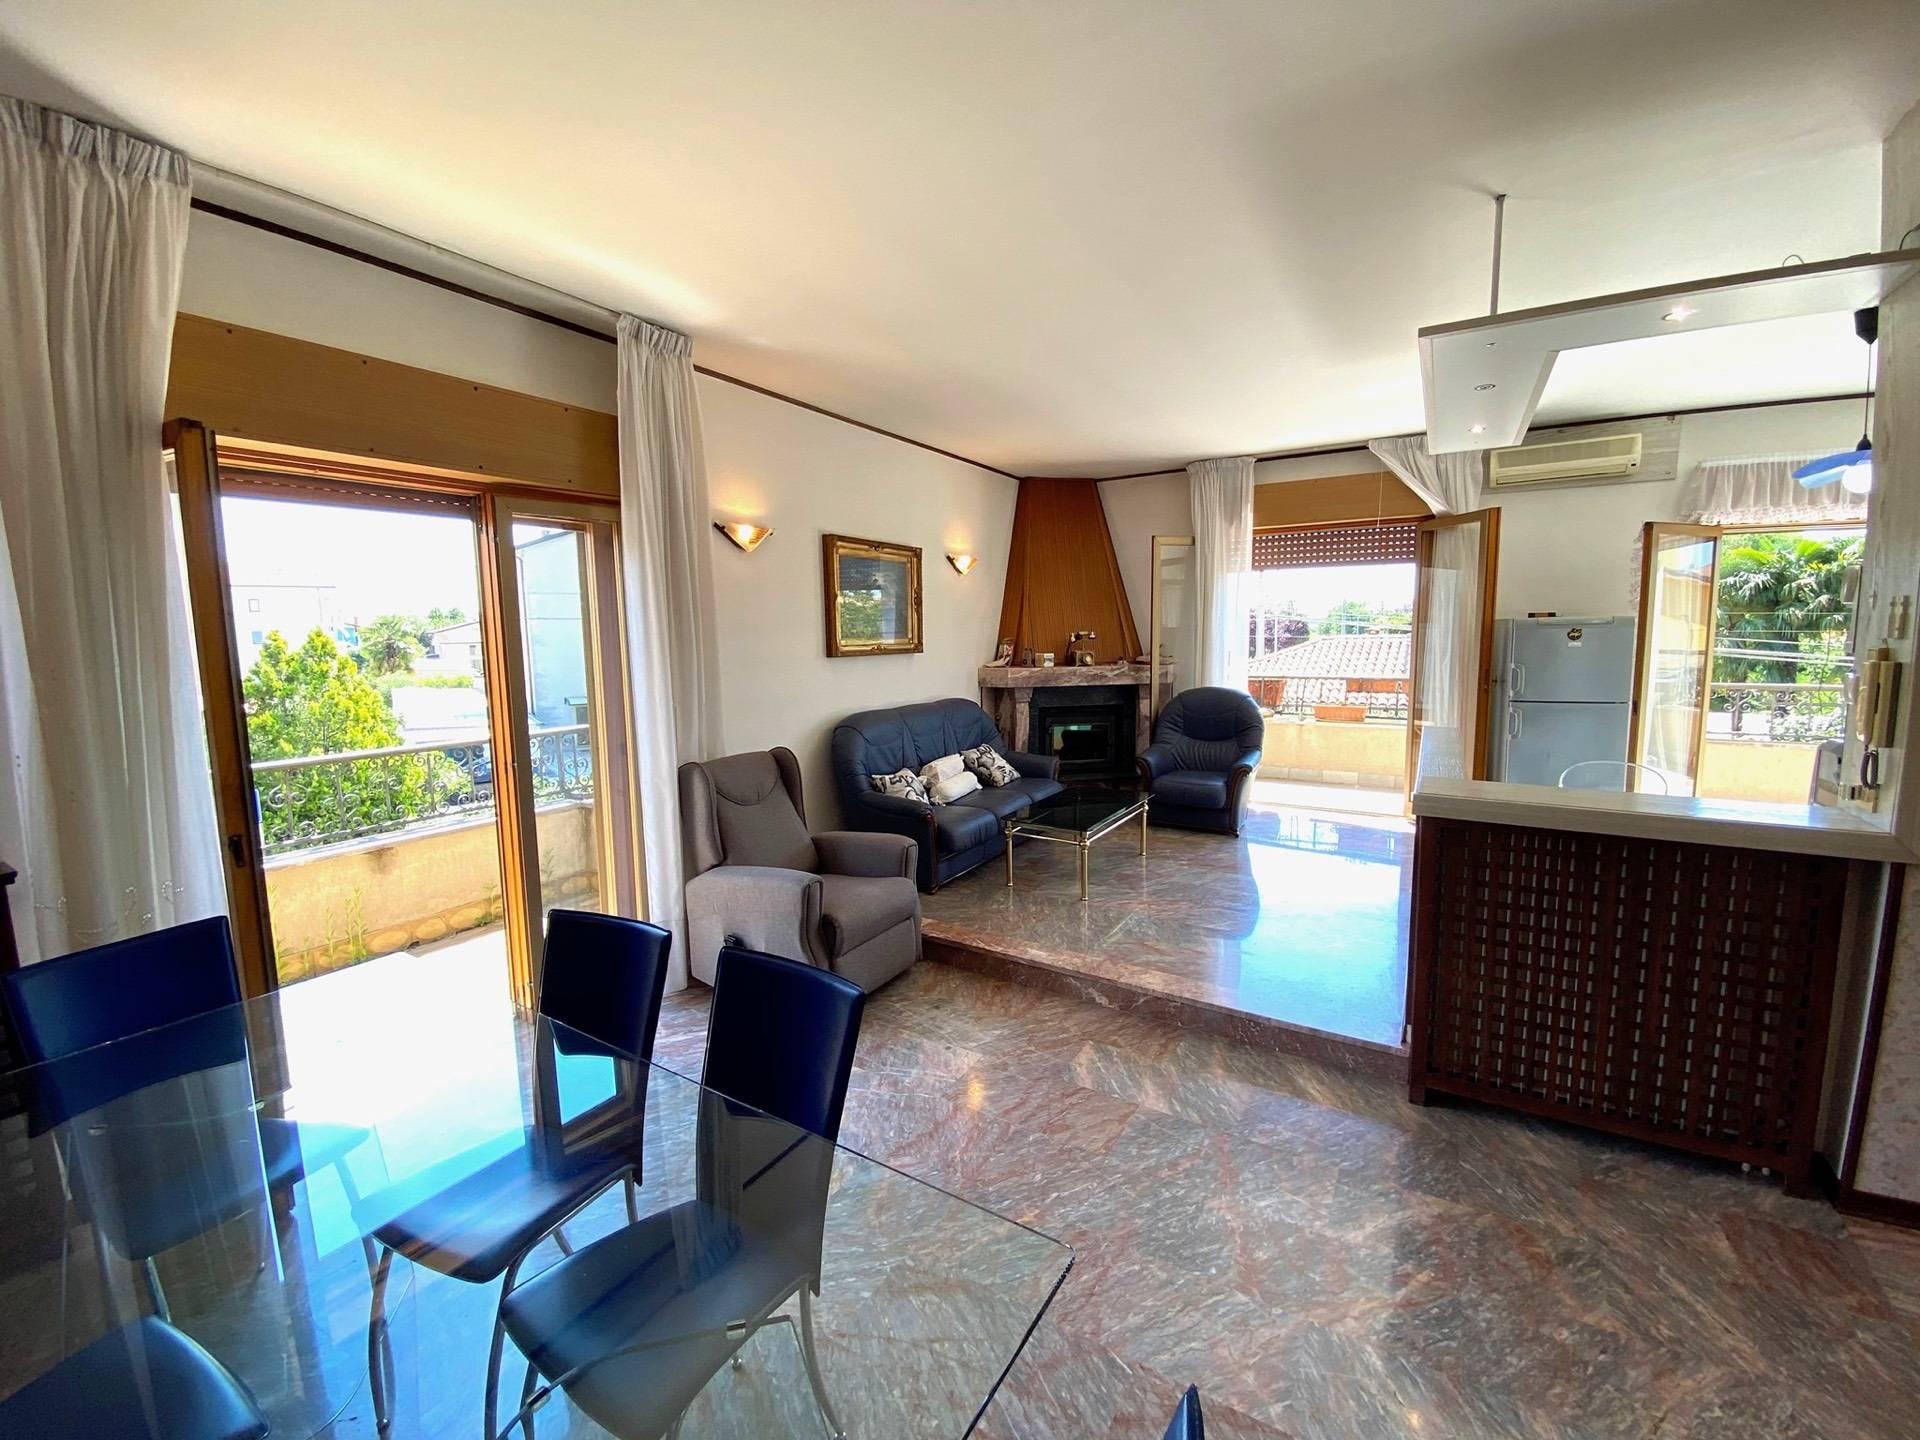 Appartamento in vendita a Staranzano, 3 locali, prezzo € 136.500 | PortaleAgenzieImmobiliari.it